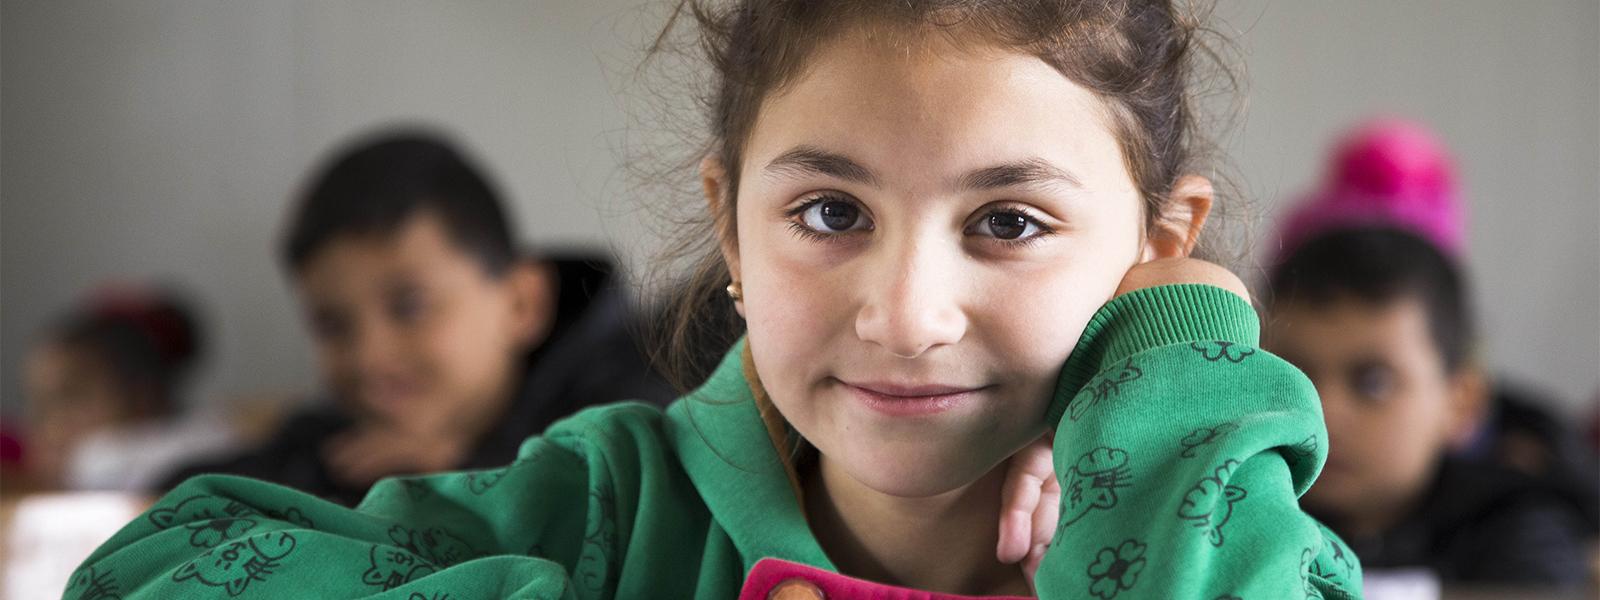 Lapset ja lapsiperheet pakolaisina